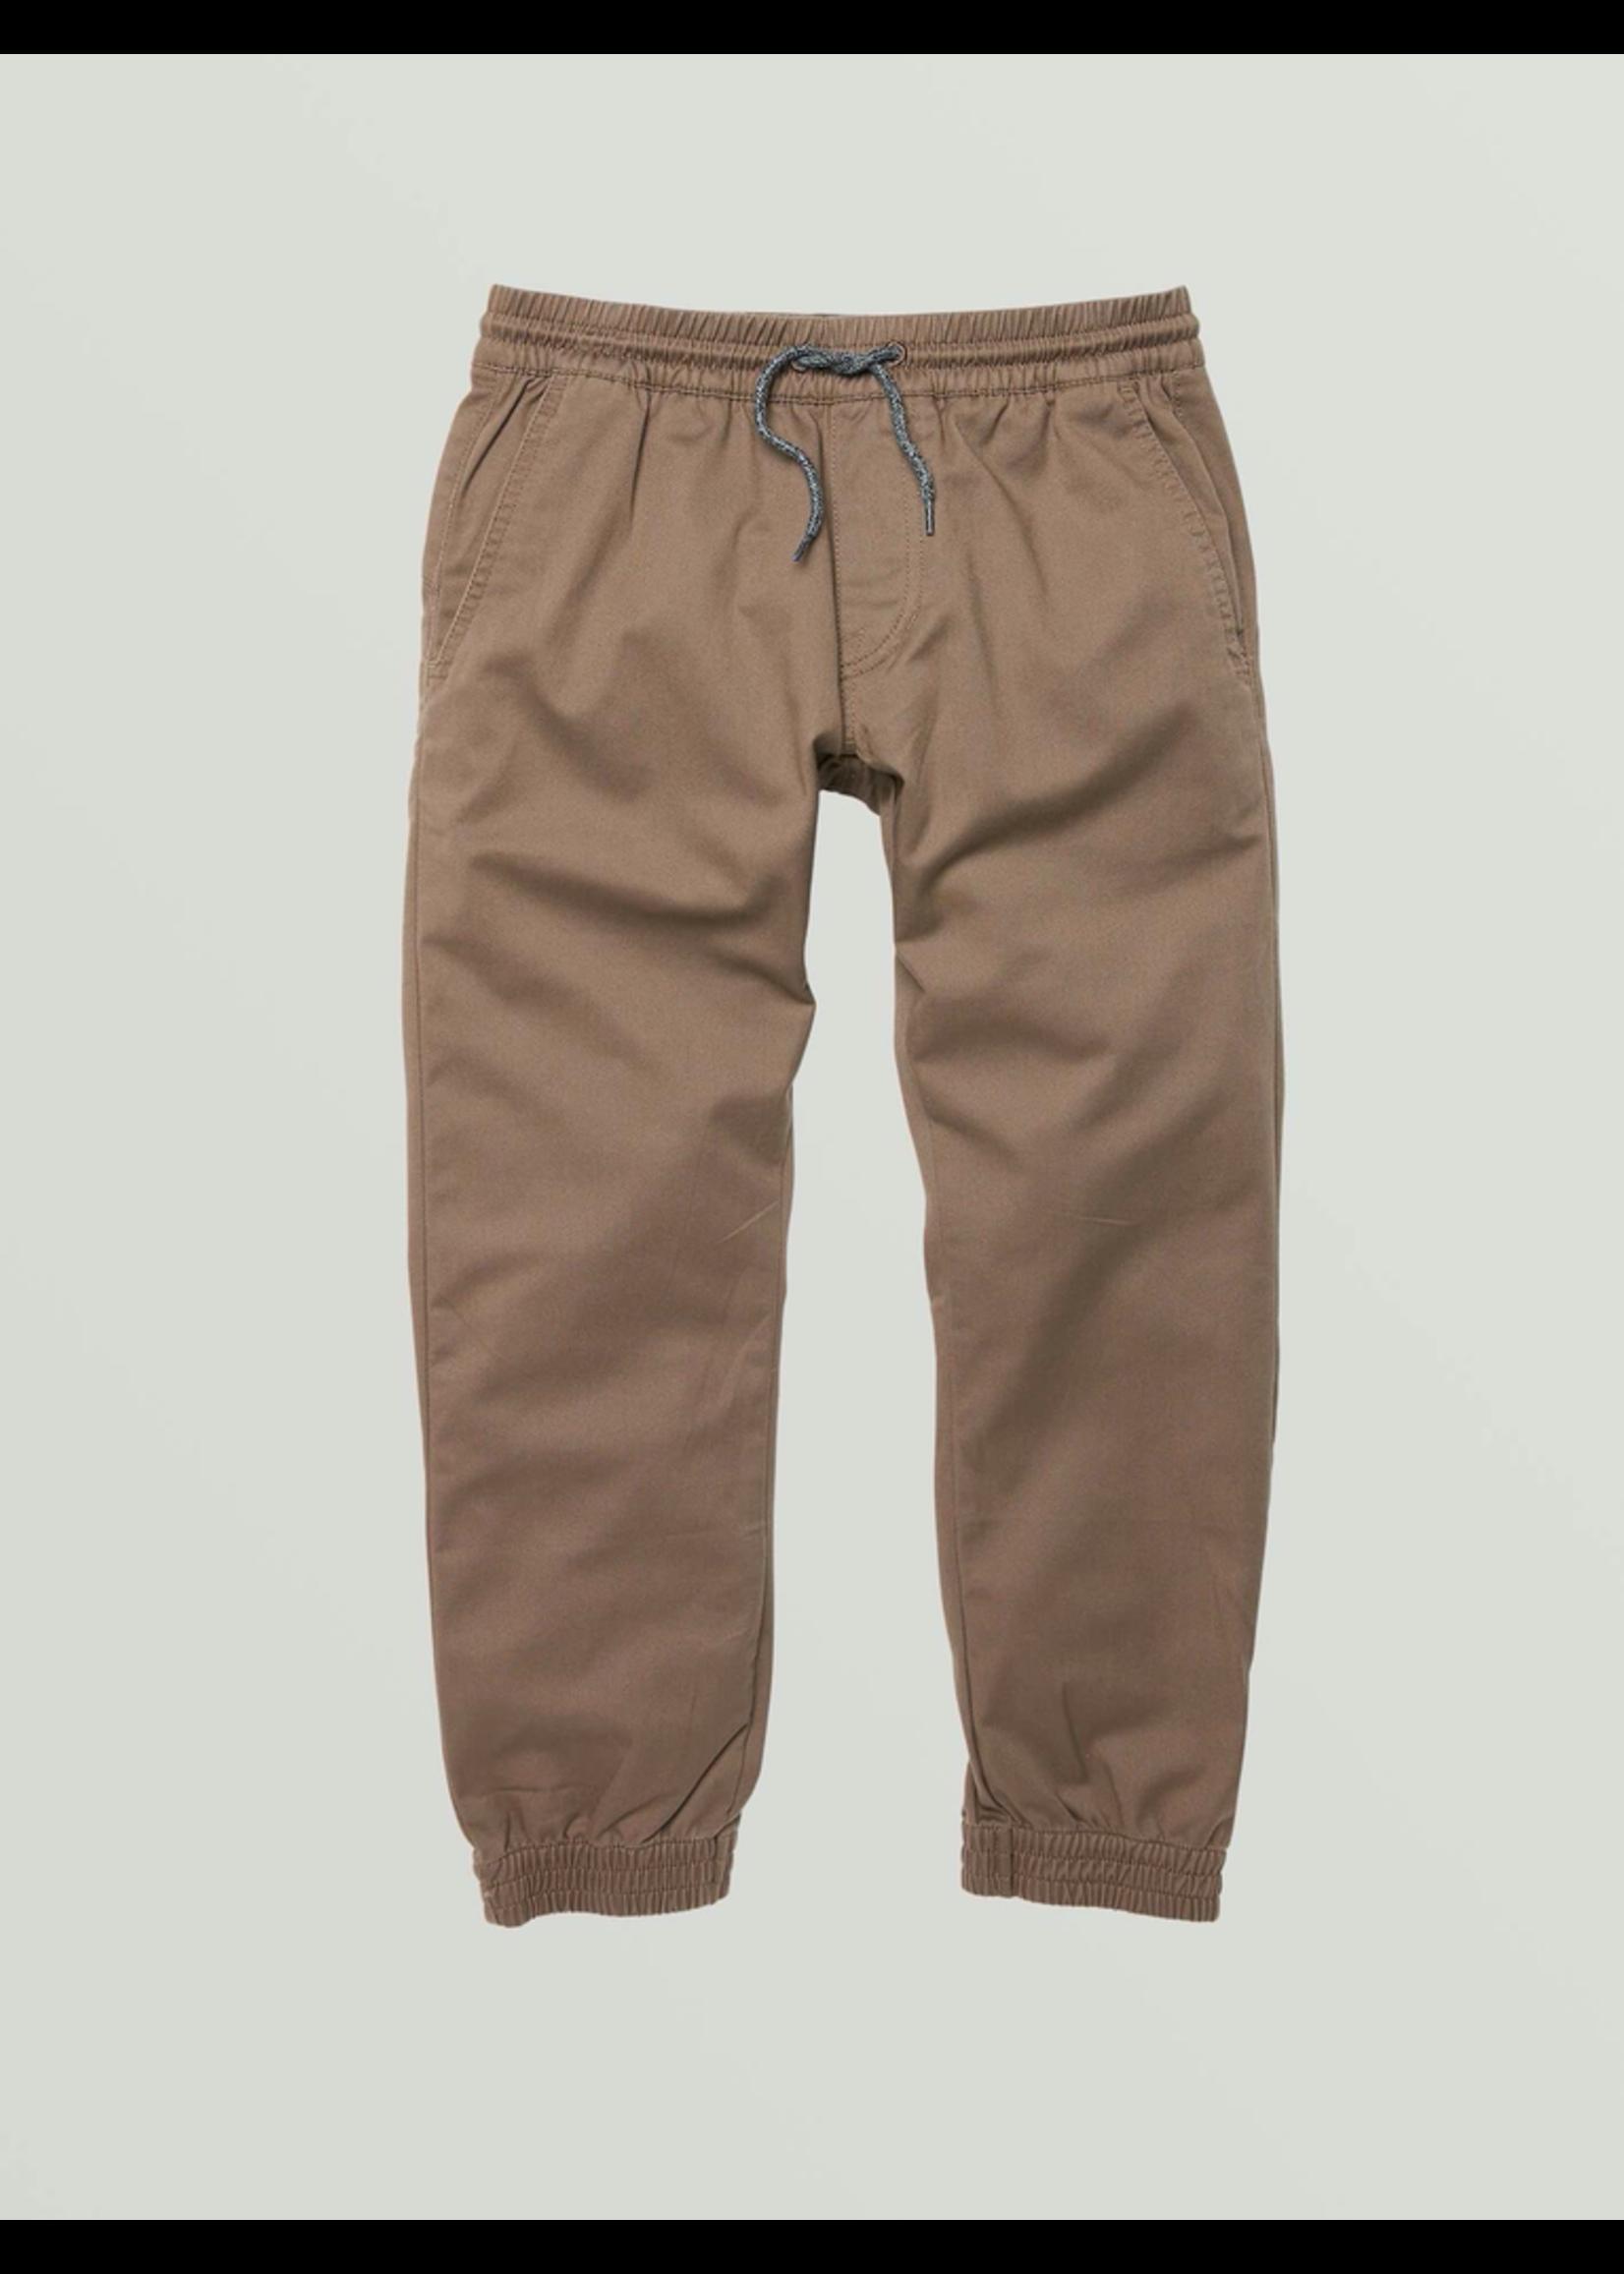 Volcom Volcom Kids, Little Boys Frickin Slim Jogger Pants - P-60742